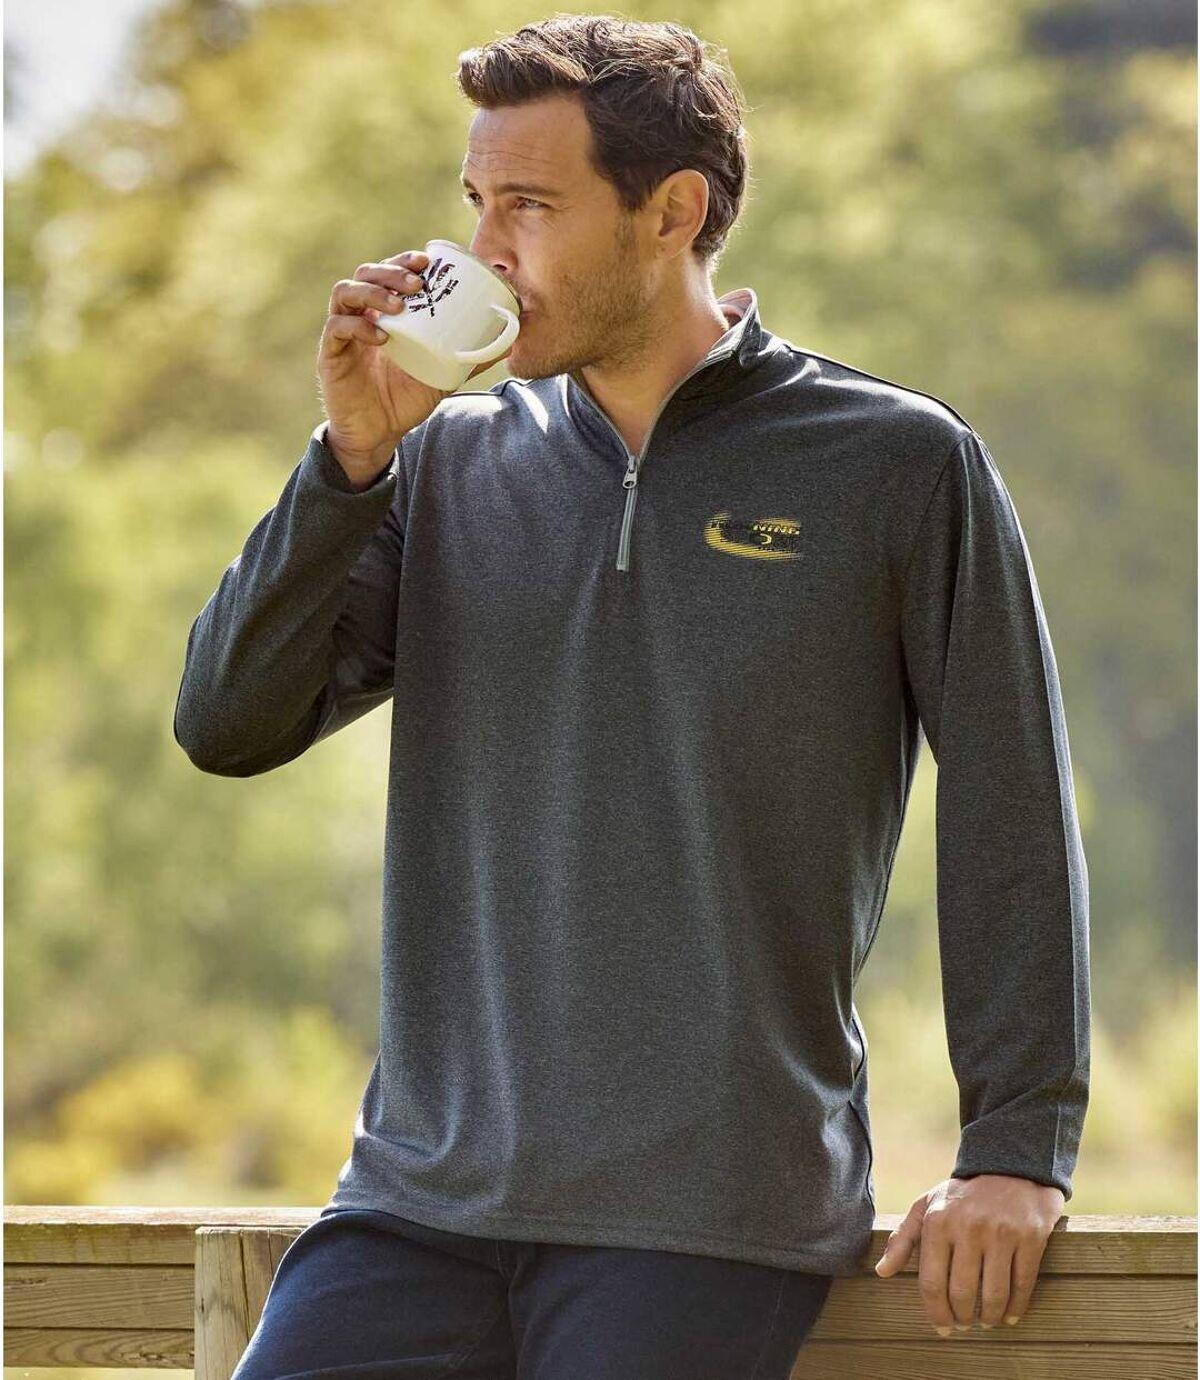 Sada 2 podvlékacích triček Outdoor se zipovým zapínáním ukrku Atlas For Men